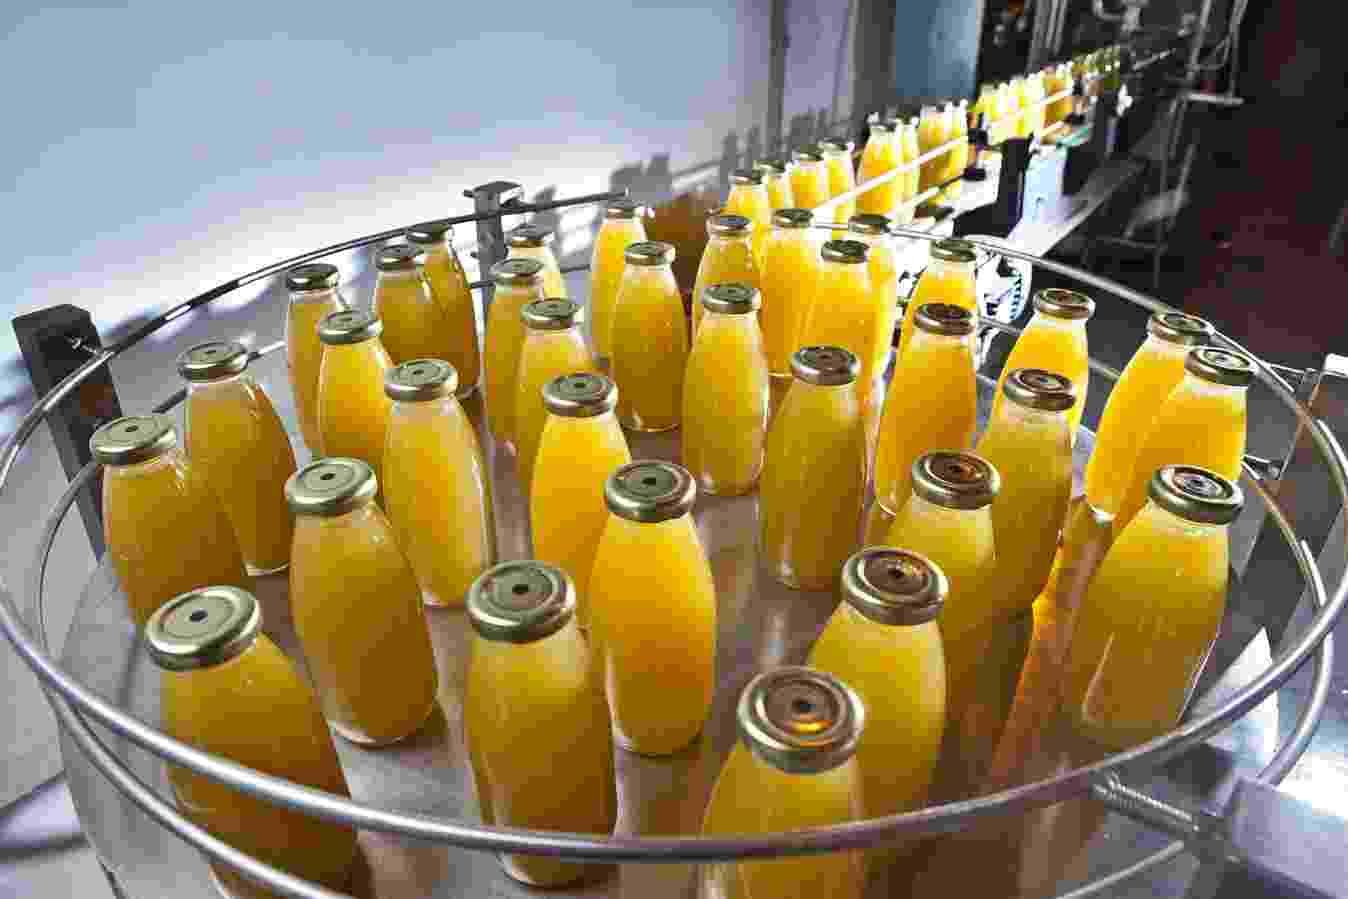 A empresa Sustên produz bebidas com cana-de-açúcar. A marca Kanaí é a do suco integral que é engarrafado e vendido no Brasil e o exterior. - Divulgação